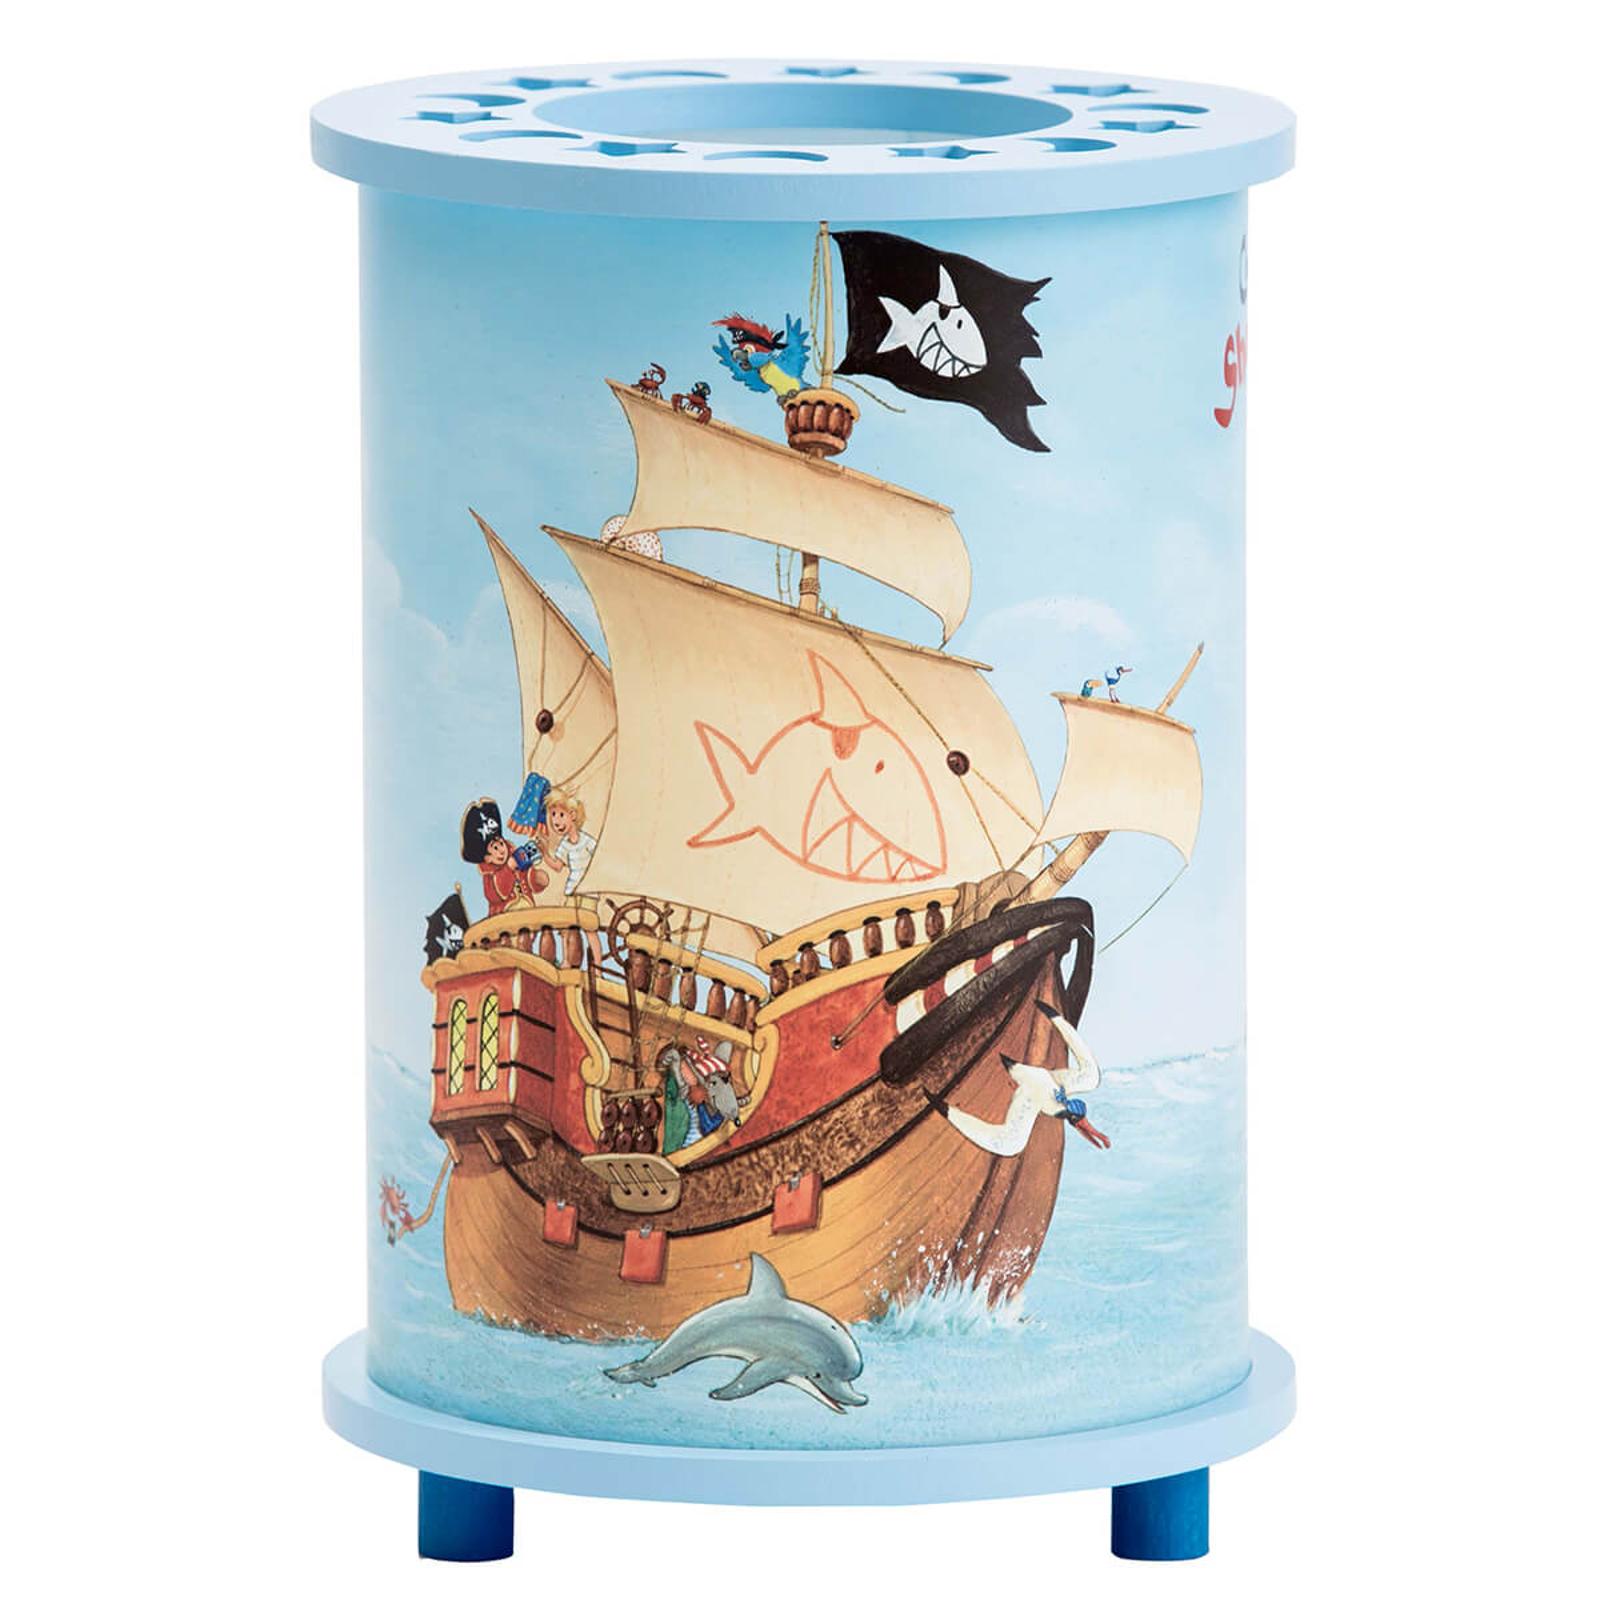 Bordlampe til børneværelset m. Capt'n Sharky-Motiv